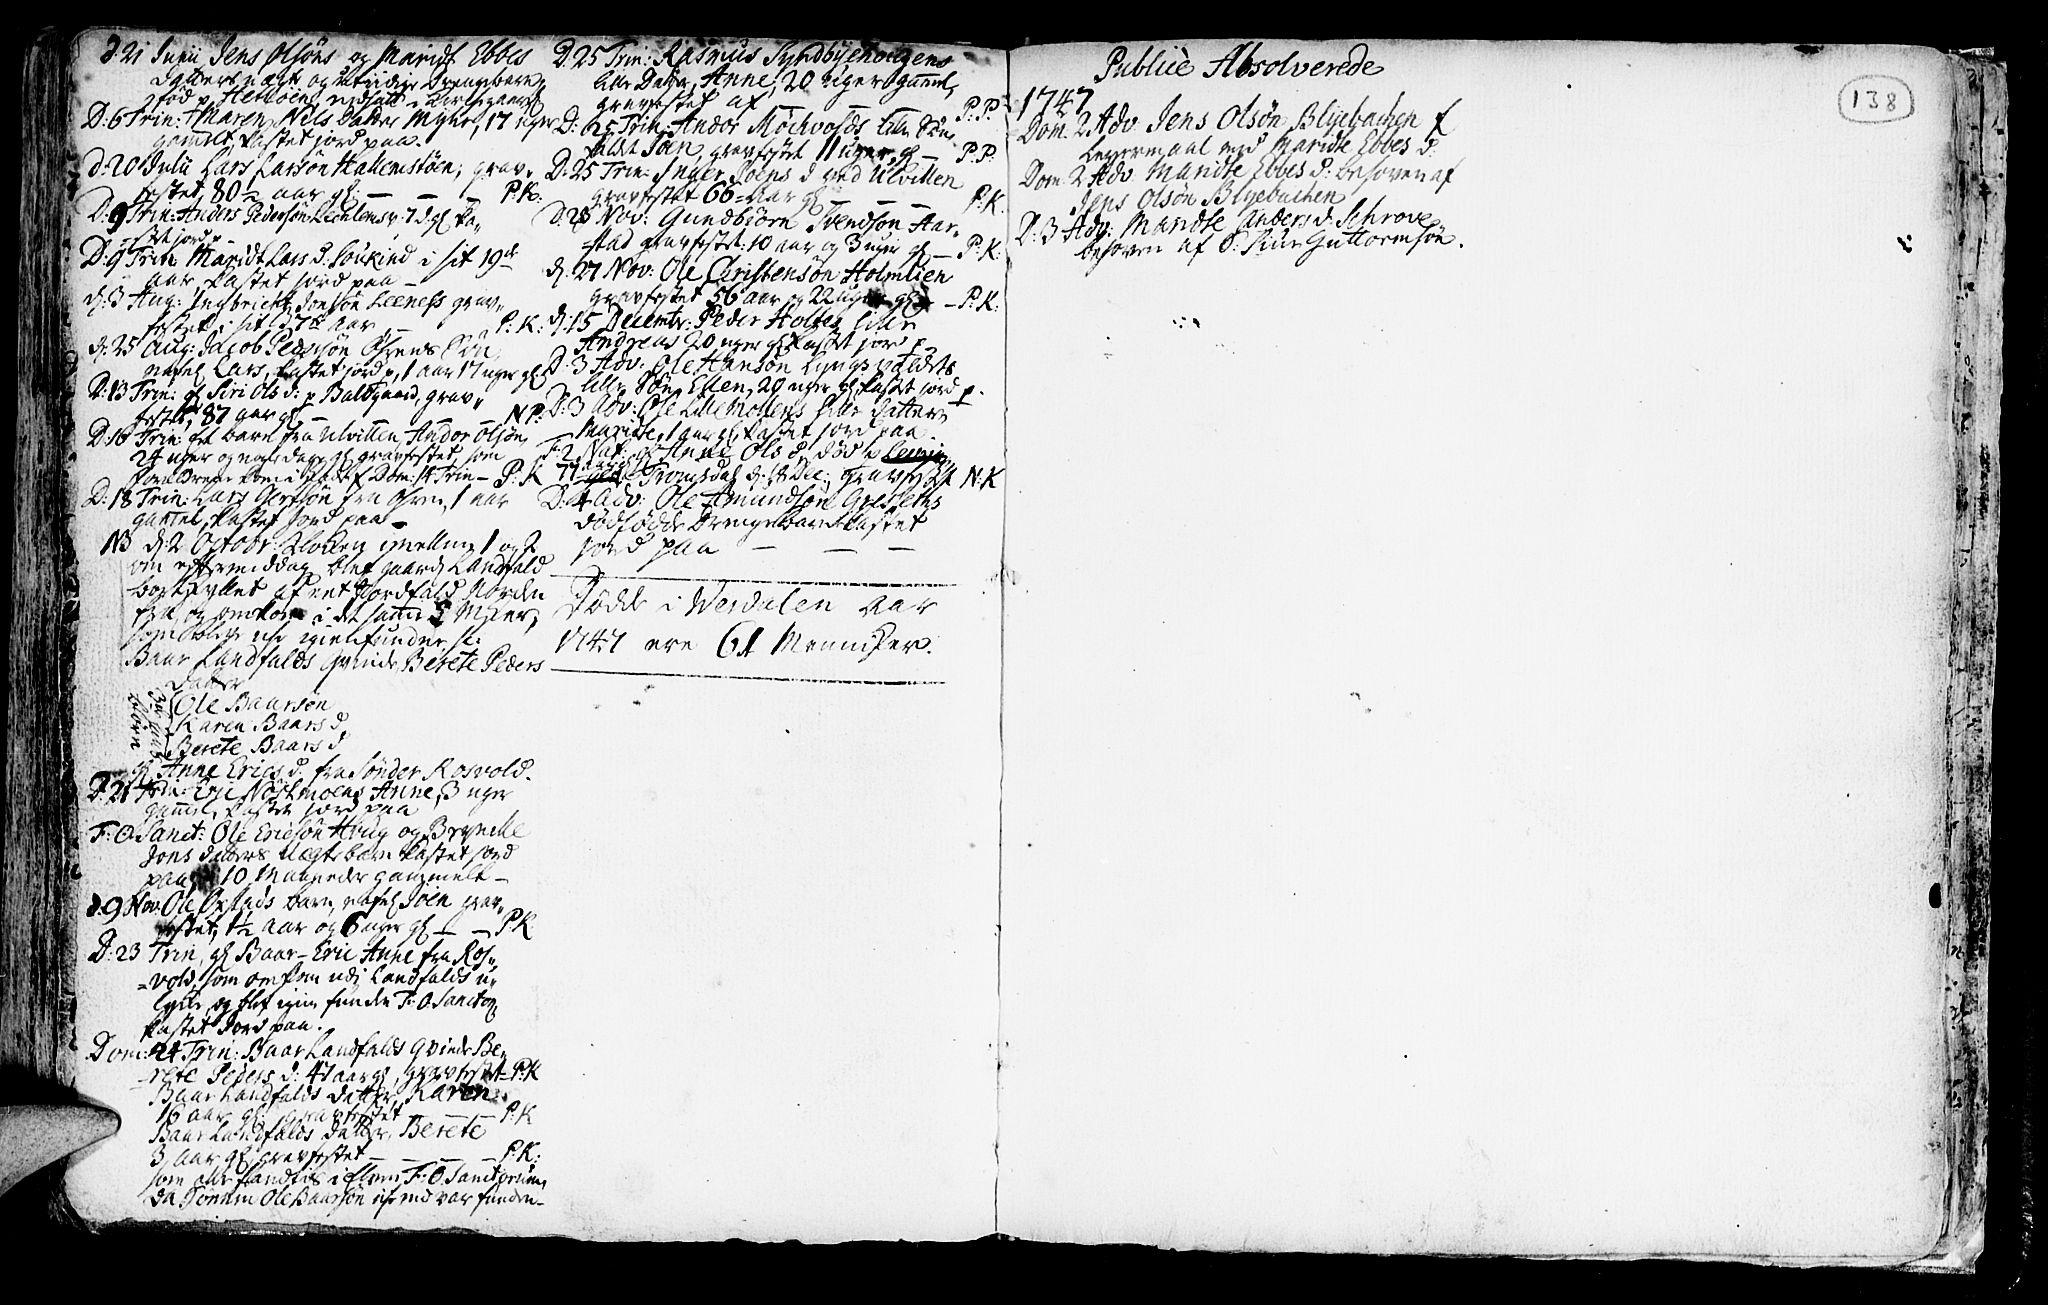 SAT, Ministerialprotokoller, klokkerbøker og fødselsregistre - Nord-Trøndelag, 723/L0230: Ministerialbok nr. 723A01, 1705-1747, s. 138